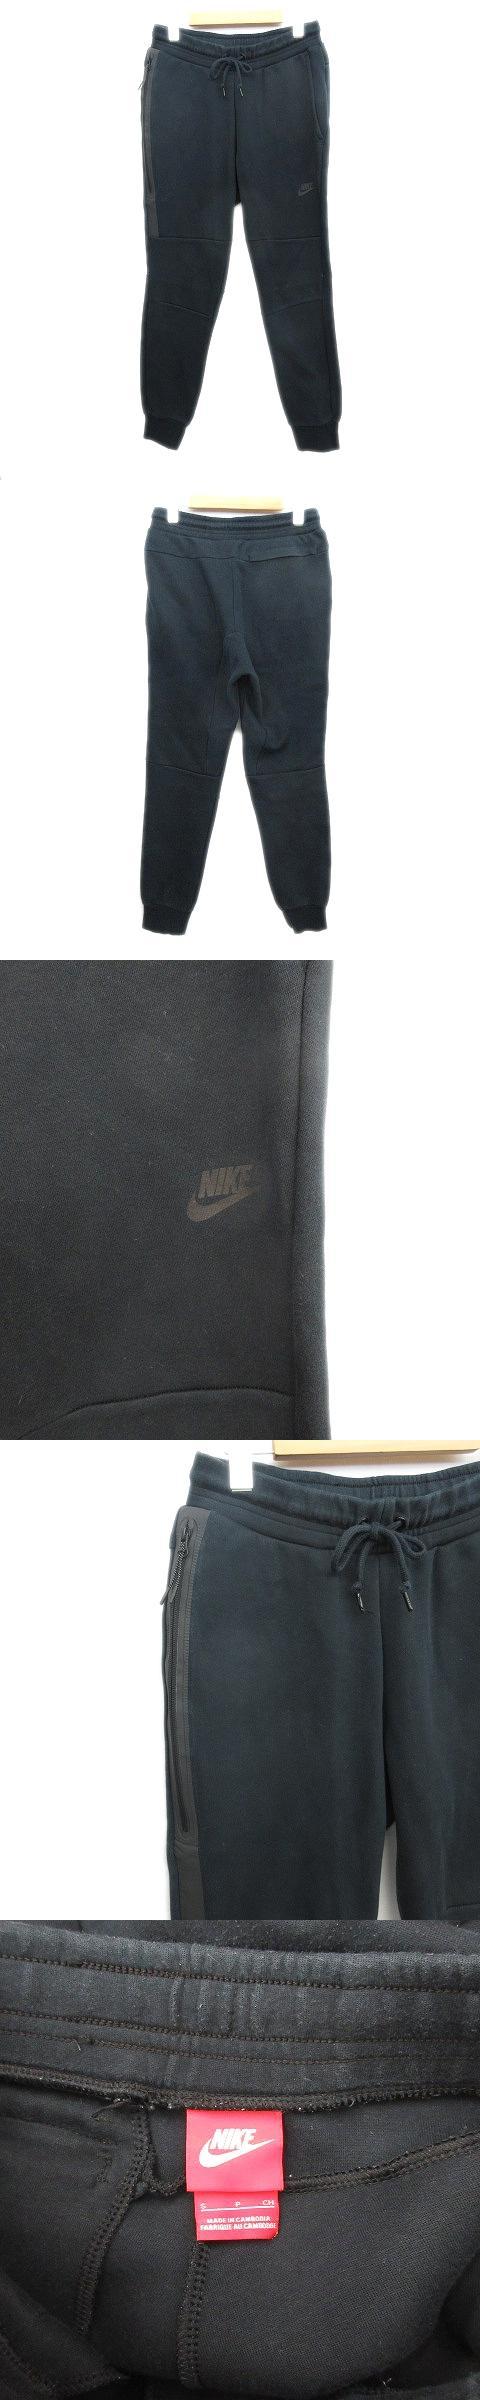 ロゴ スウェット ジョガー パンツ ジャージ スポーツウエア S 黒 ブラック メンズ/d176